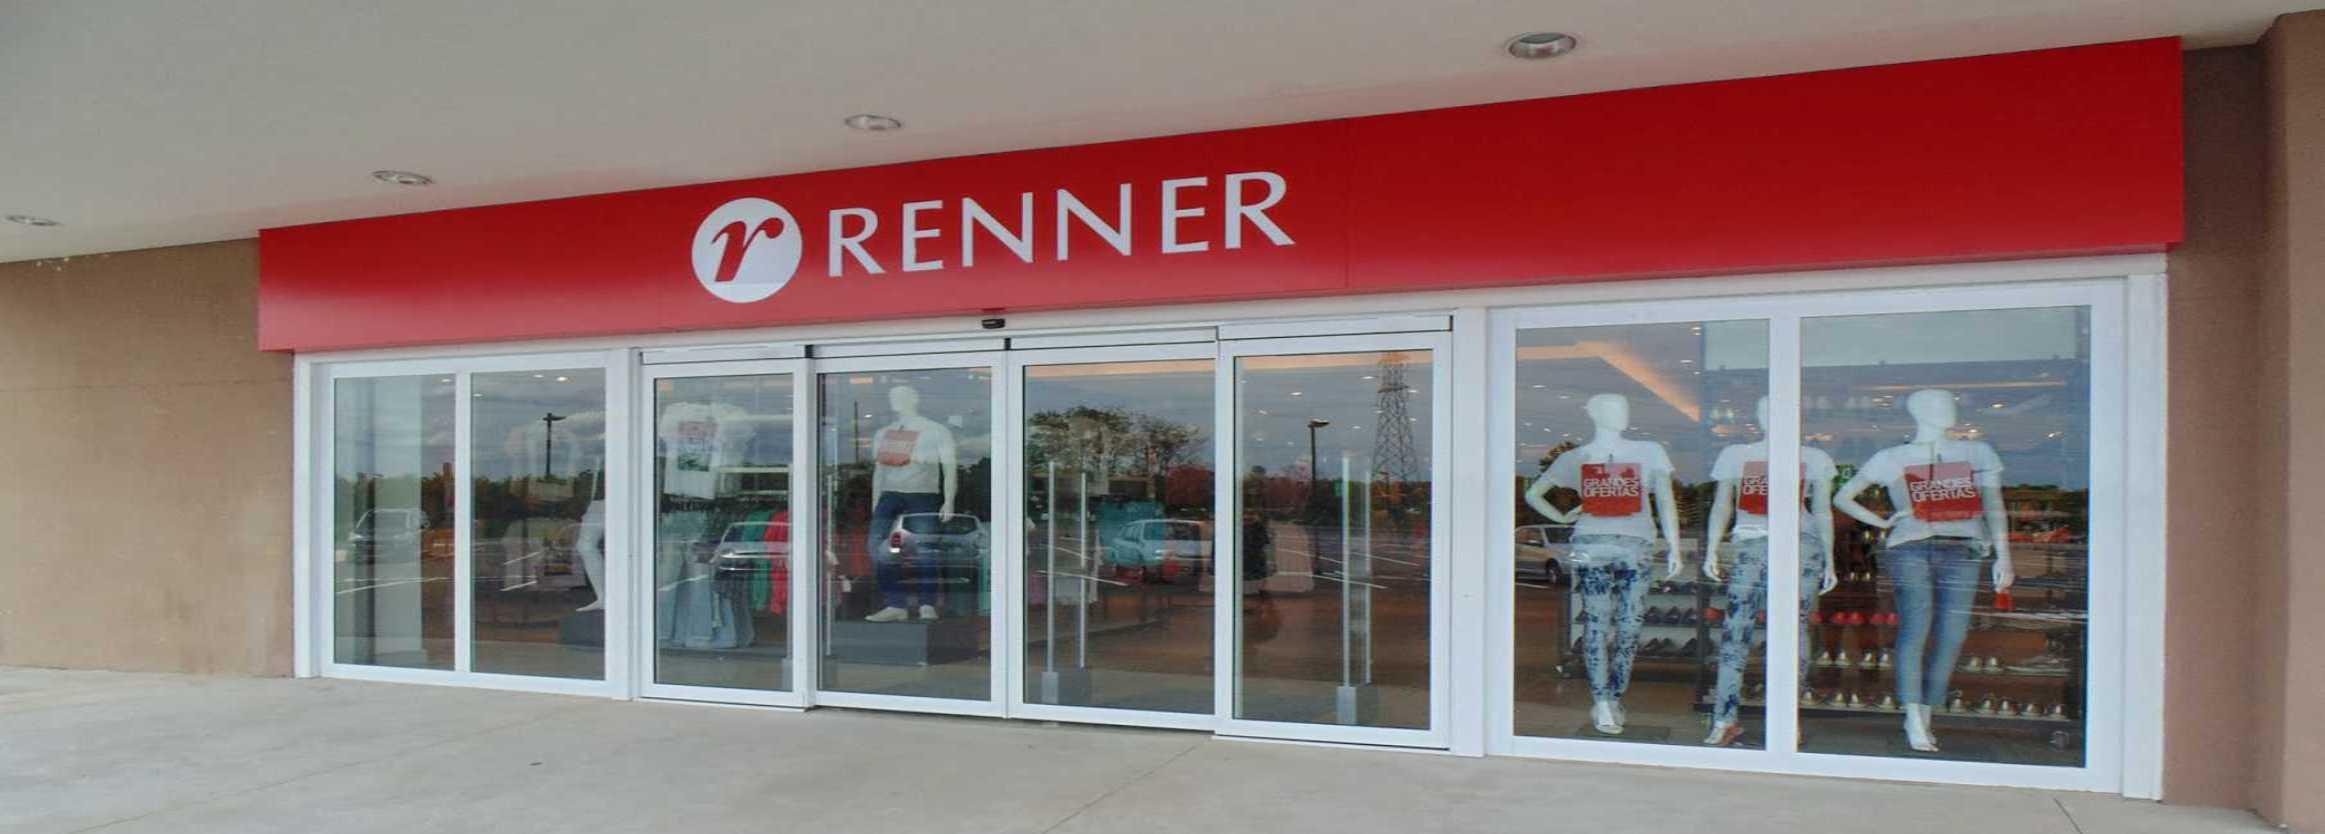 slide-centeno-renner